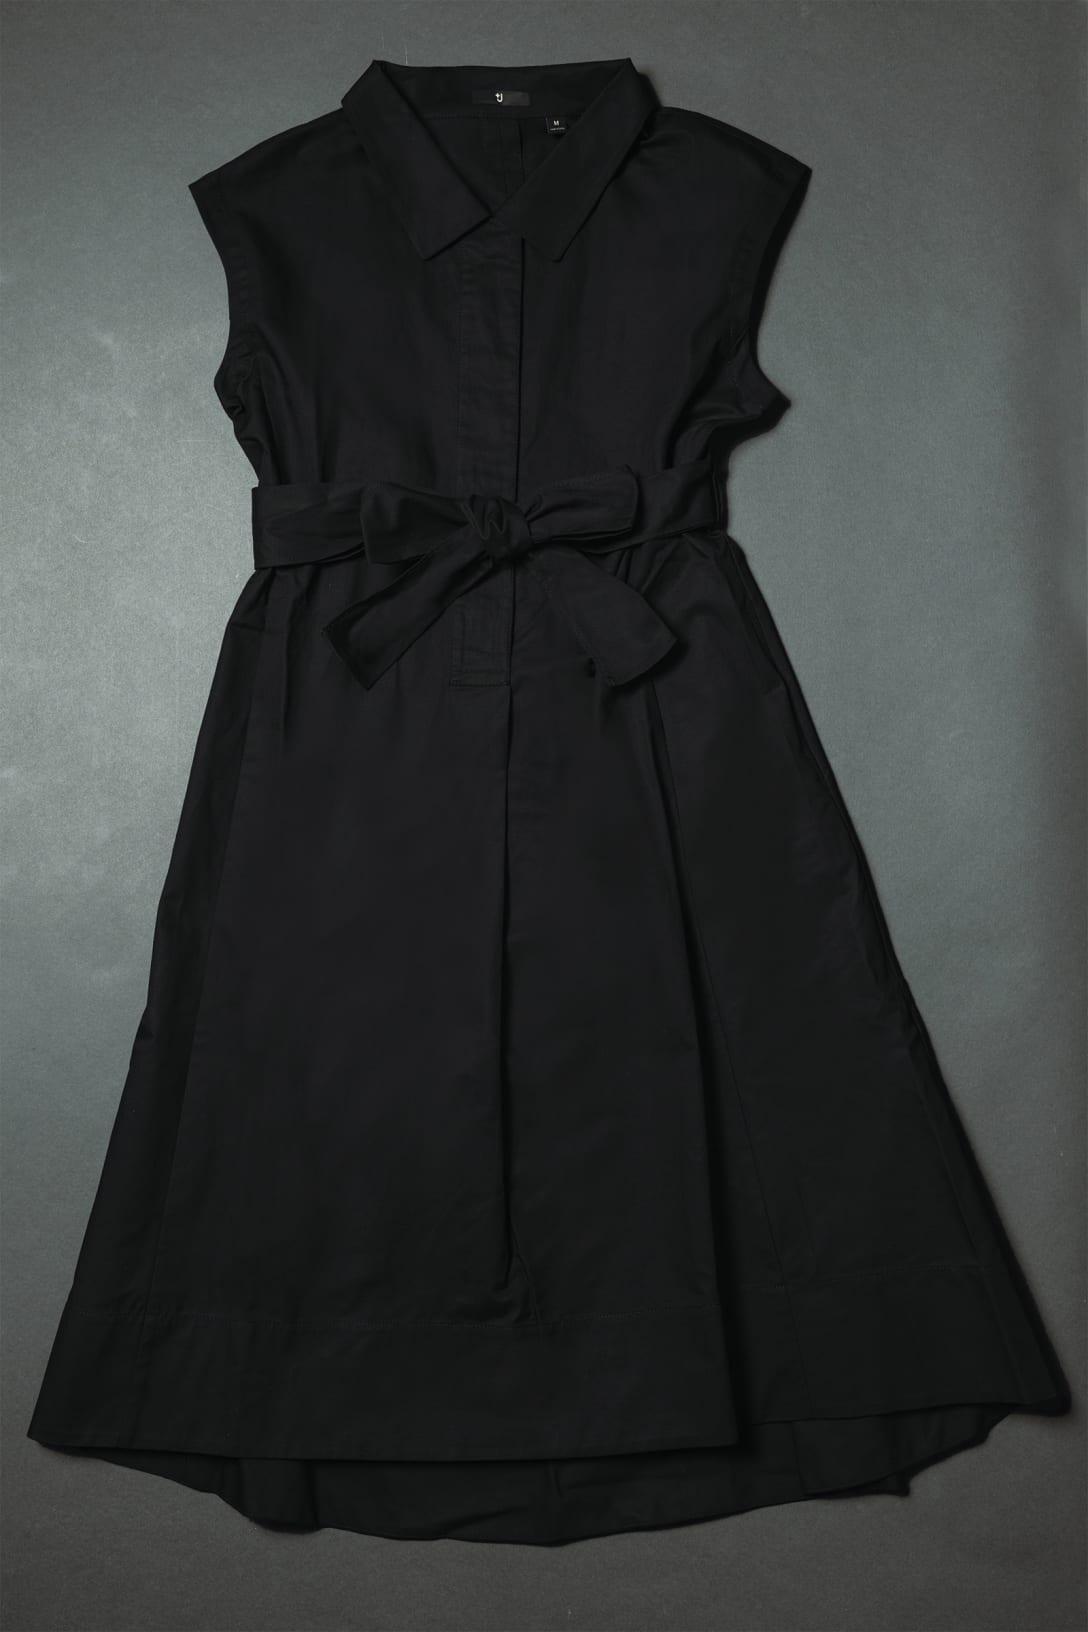 コットンリネンフレンチスリーブロングワンピース(半袖)(5990円)